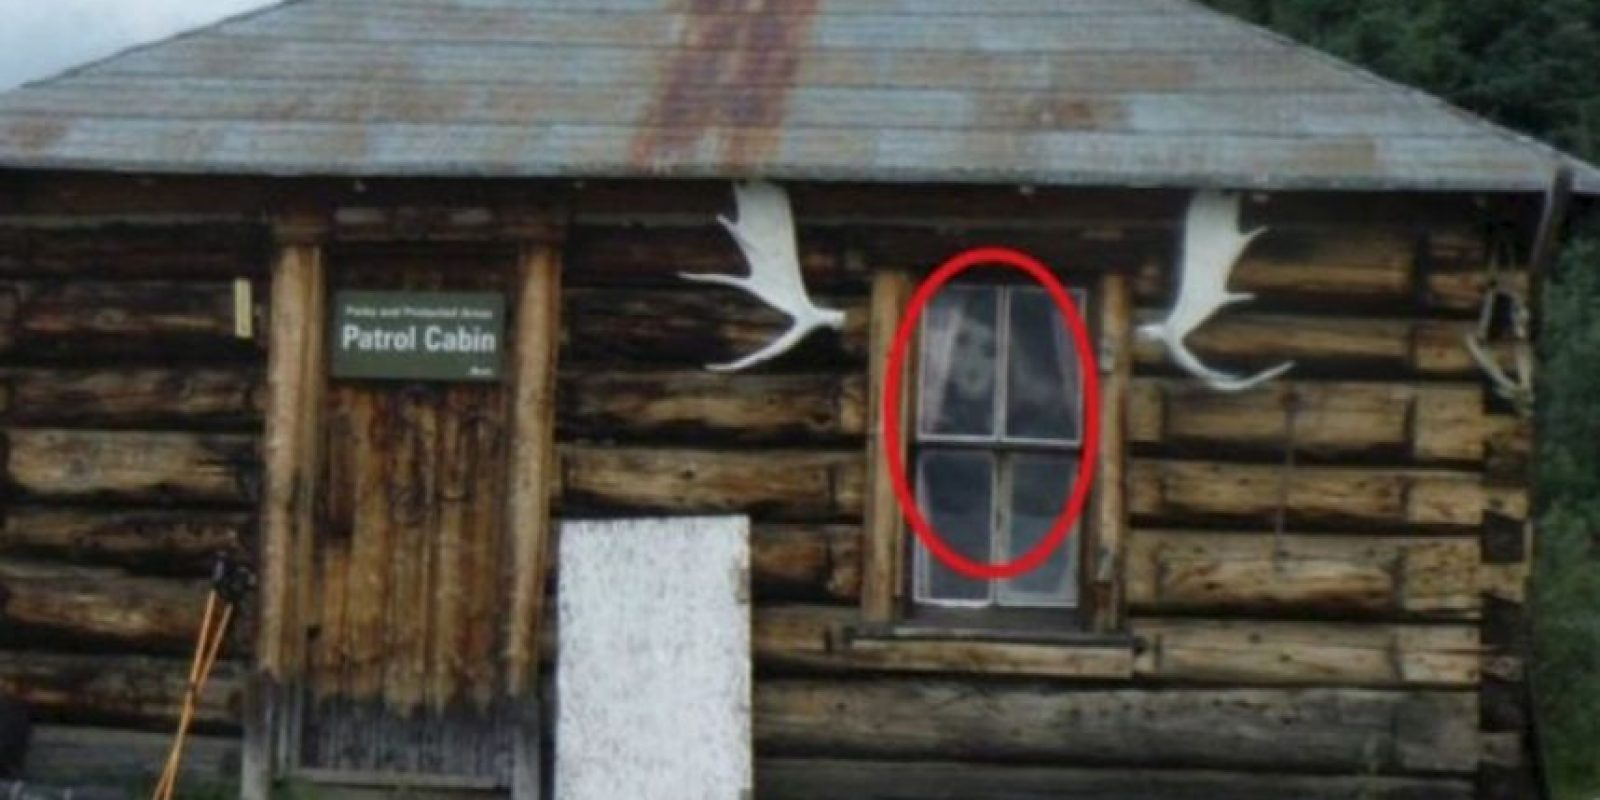 Tiempo después, se dio cuenta de que una extraña figura se encontraba en dicho lugar. Foto:Imgur